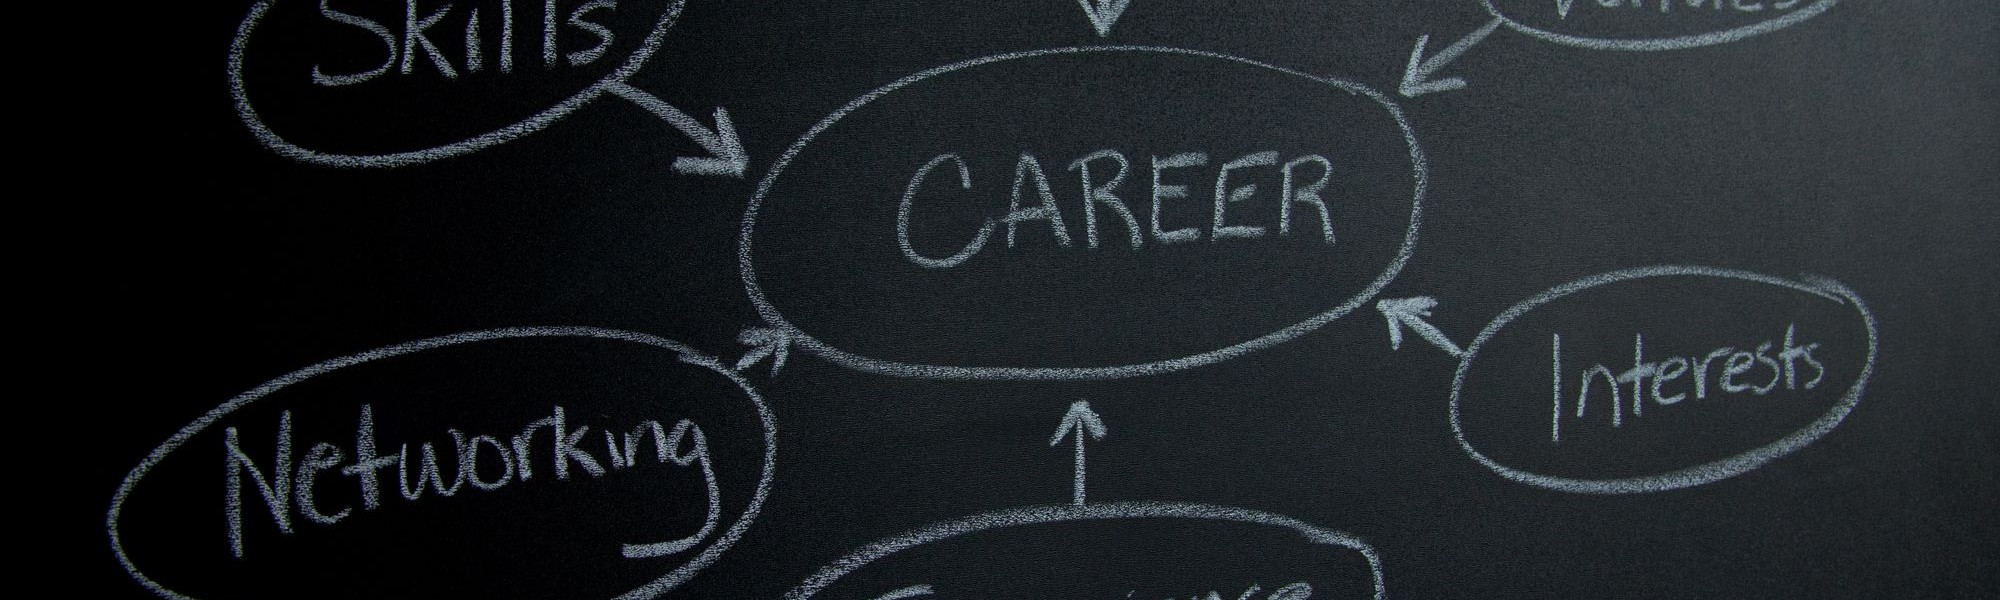 'Career' in chalk on a blackboard